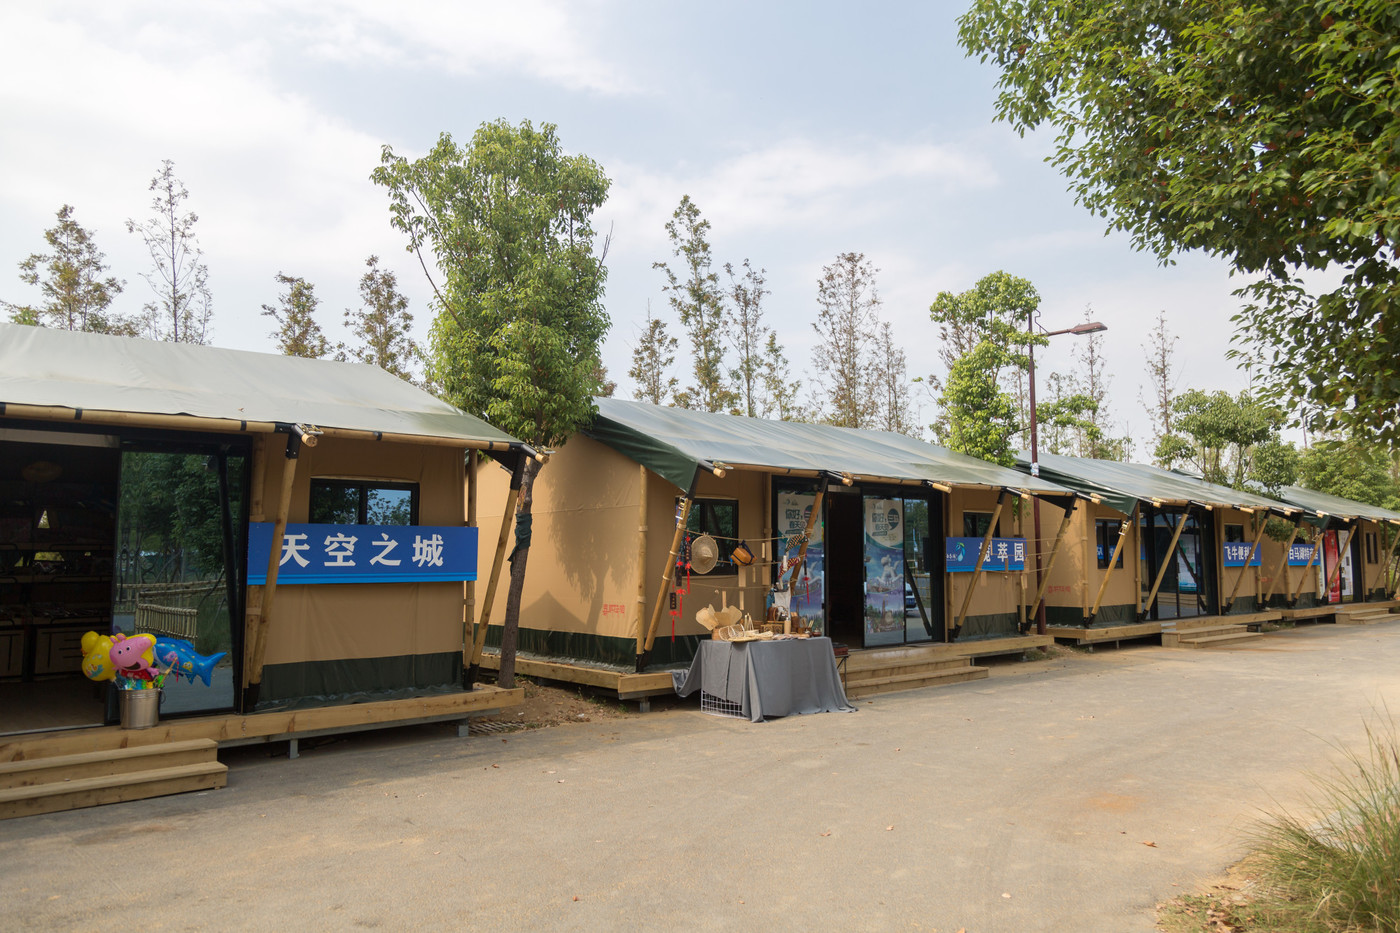 喜马拉雅野奢帐篷酒店—淮安白马湖度假区商铺4